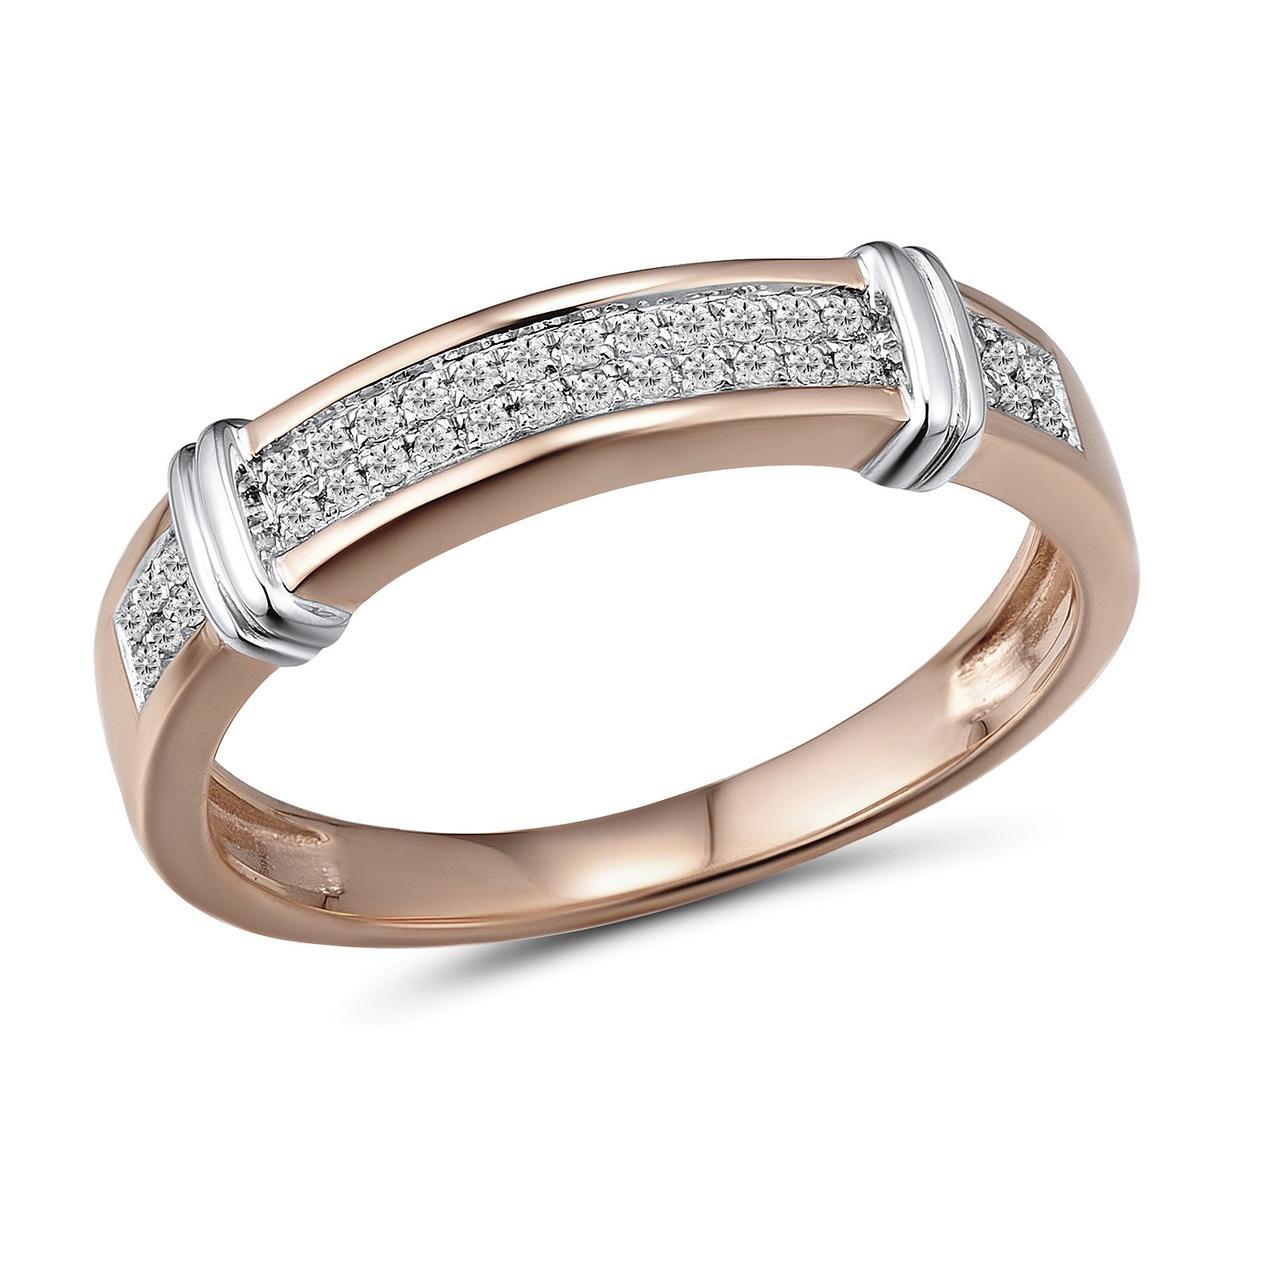 Кольцо из красного золота с бриллиантами, размер 16.5 (1550731)